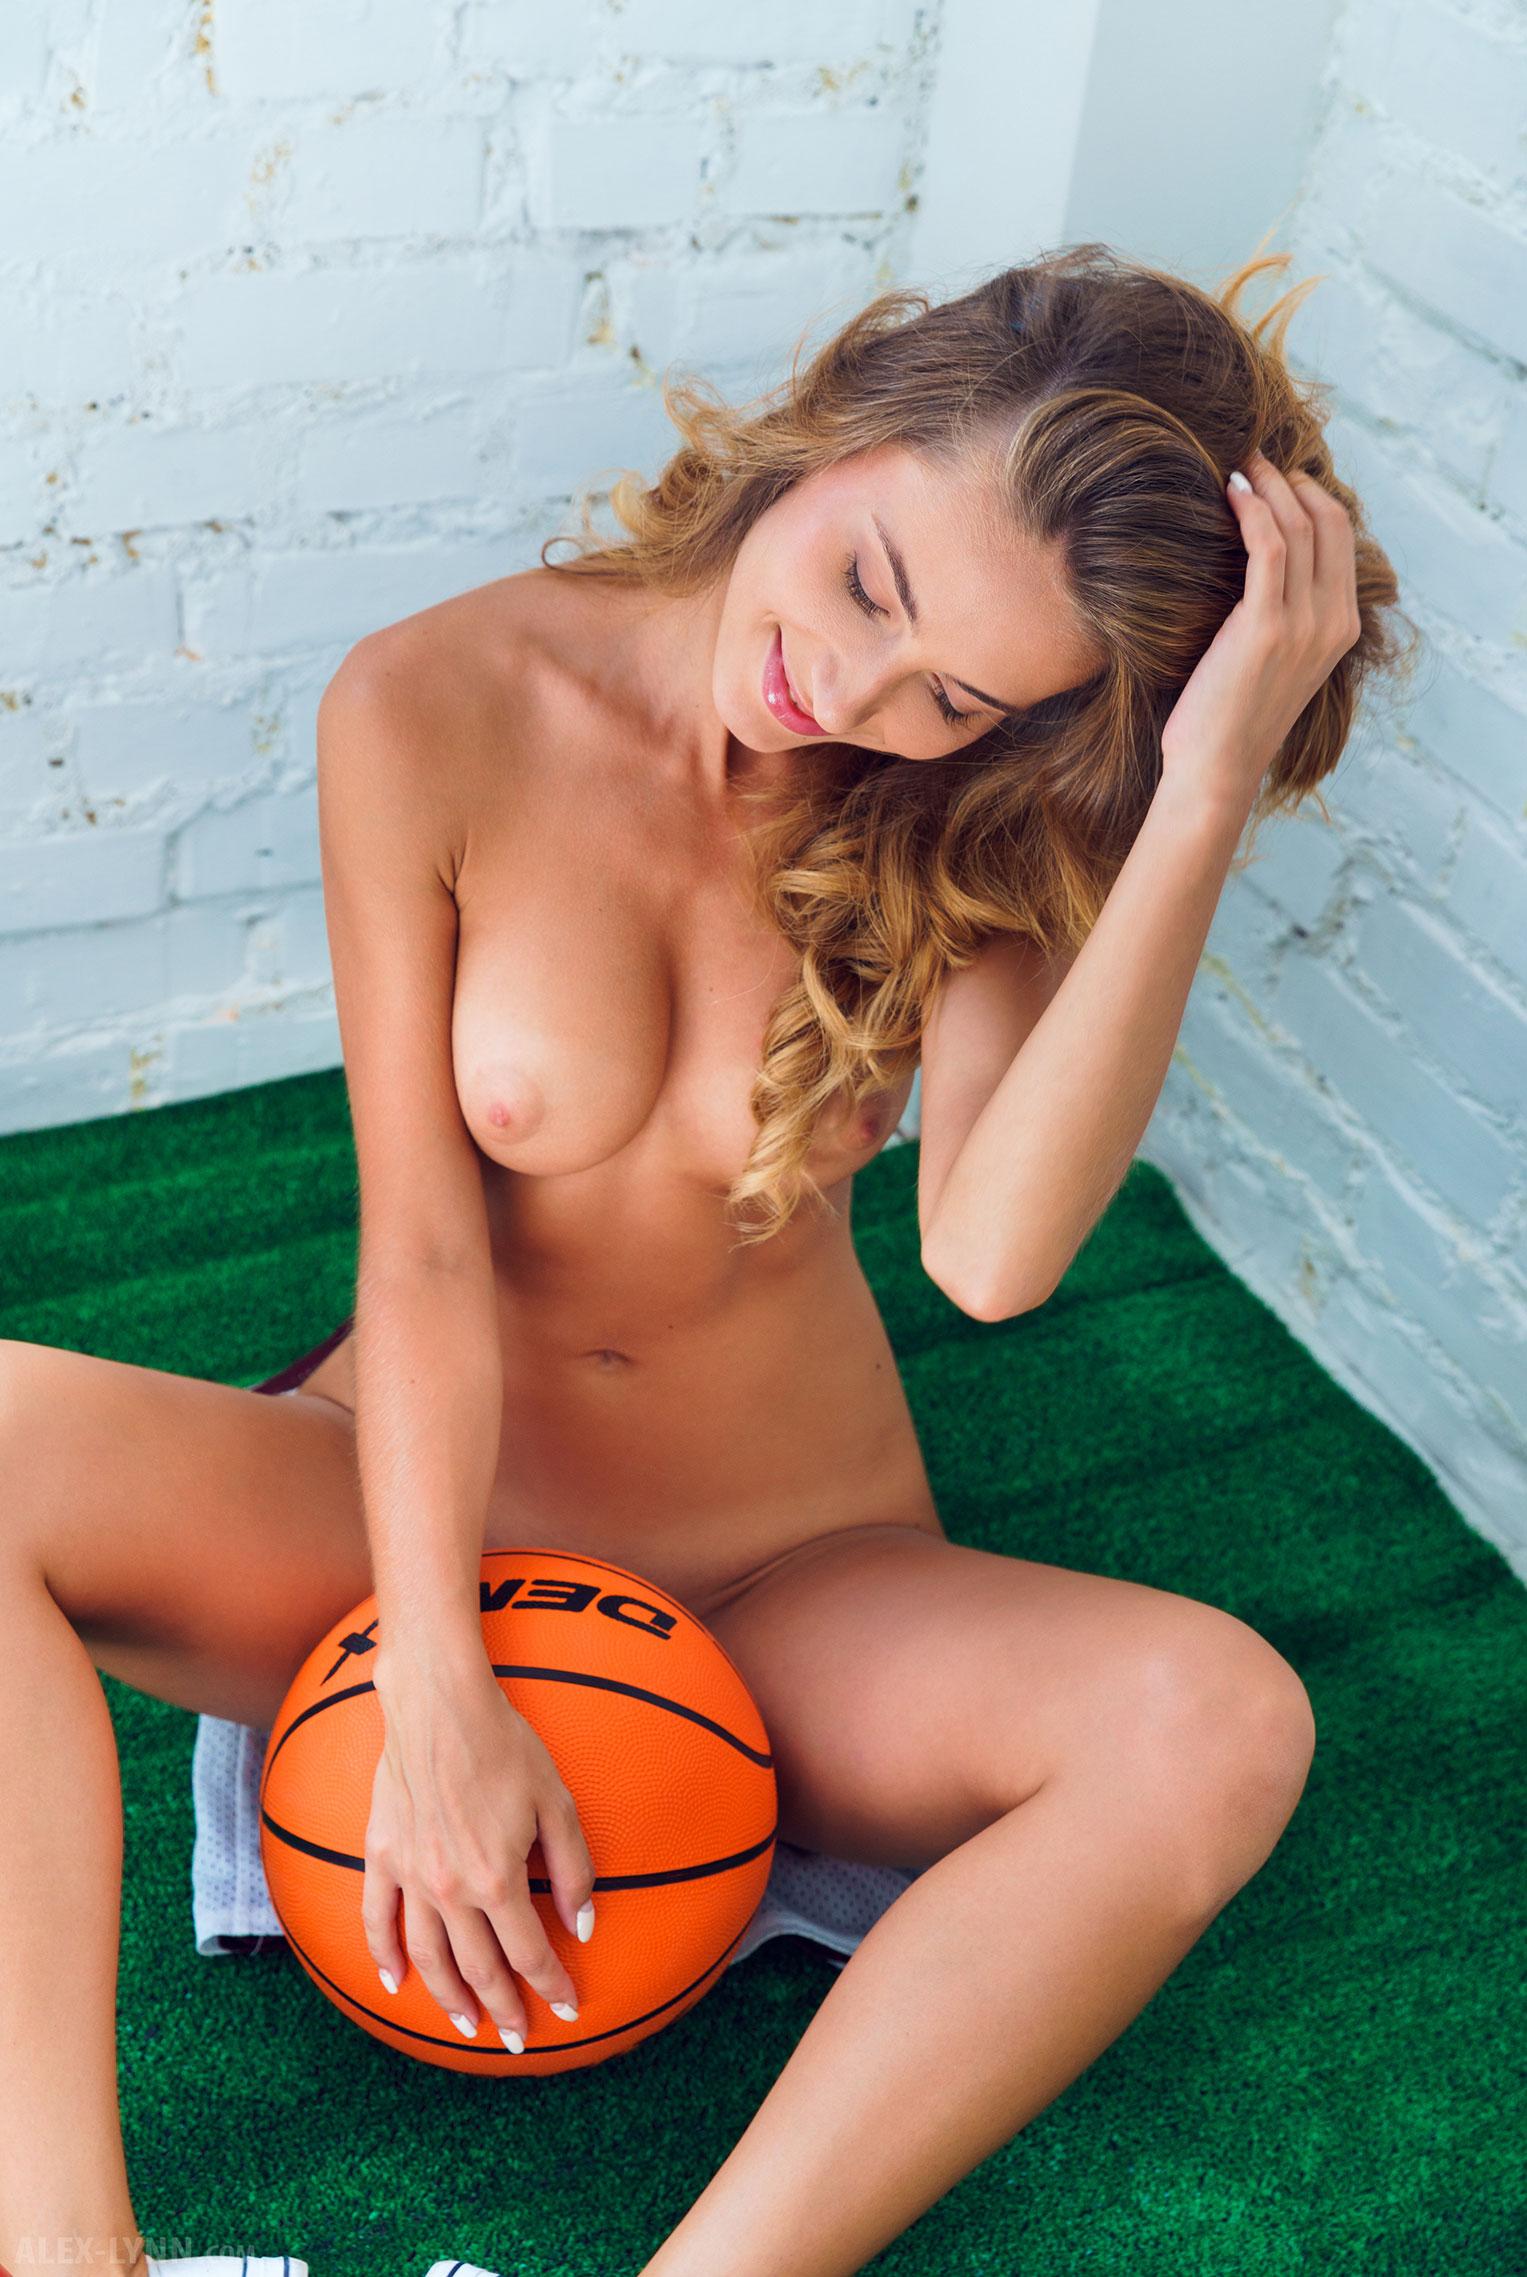 Играем в баскетбол красиво / голая Наталья Войнар с баскетбольным мячом / фото 15